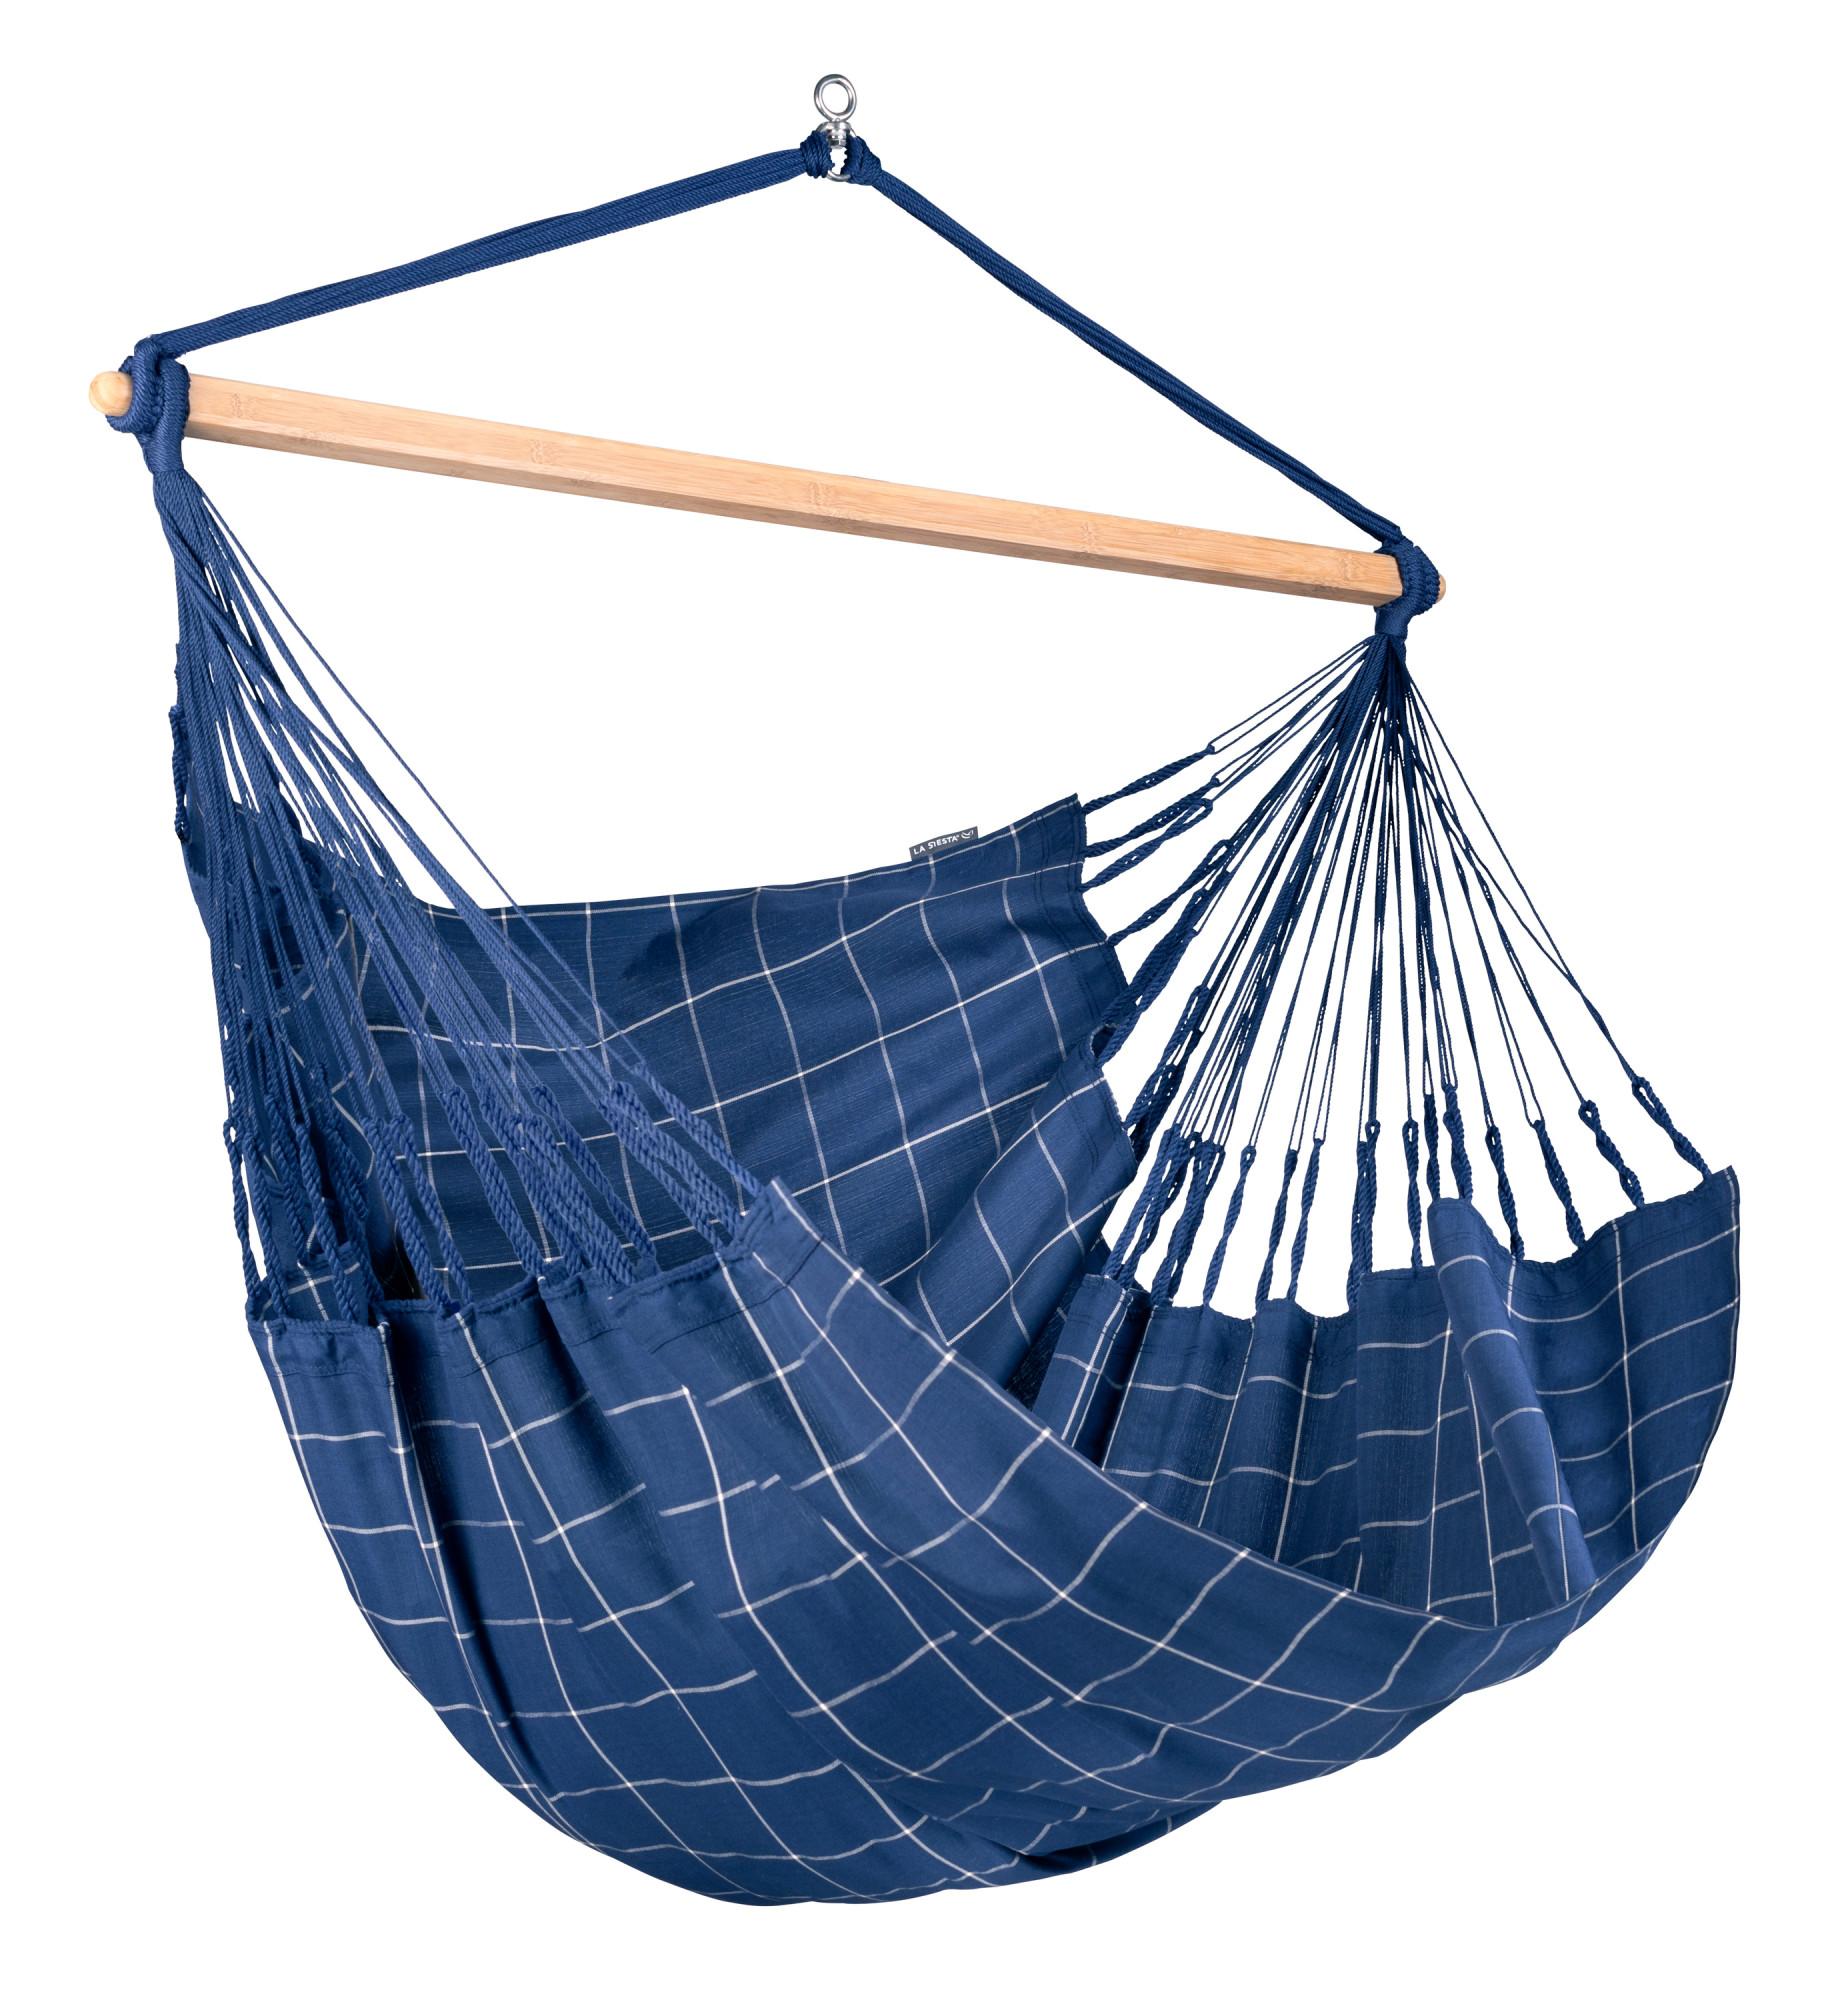 Chaise-hamac kingsize en tissu bleu marine